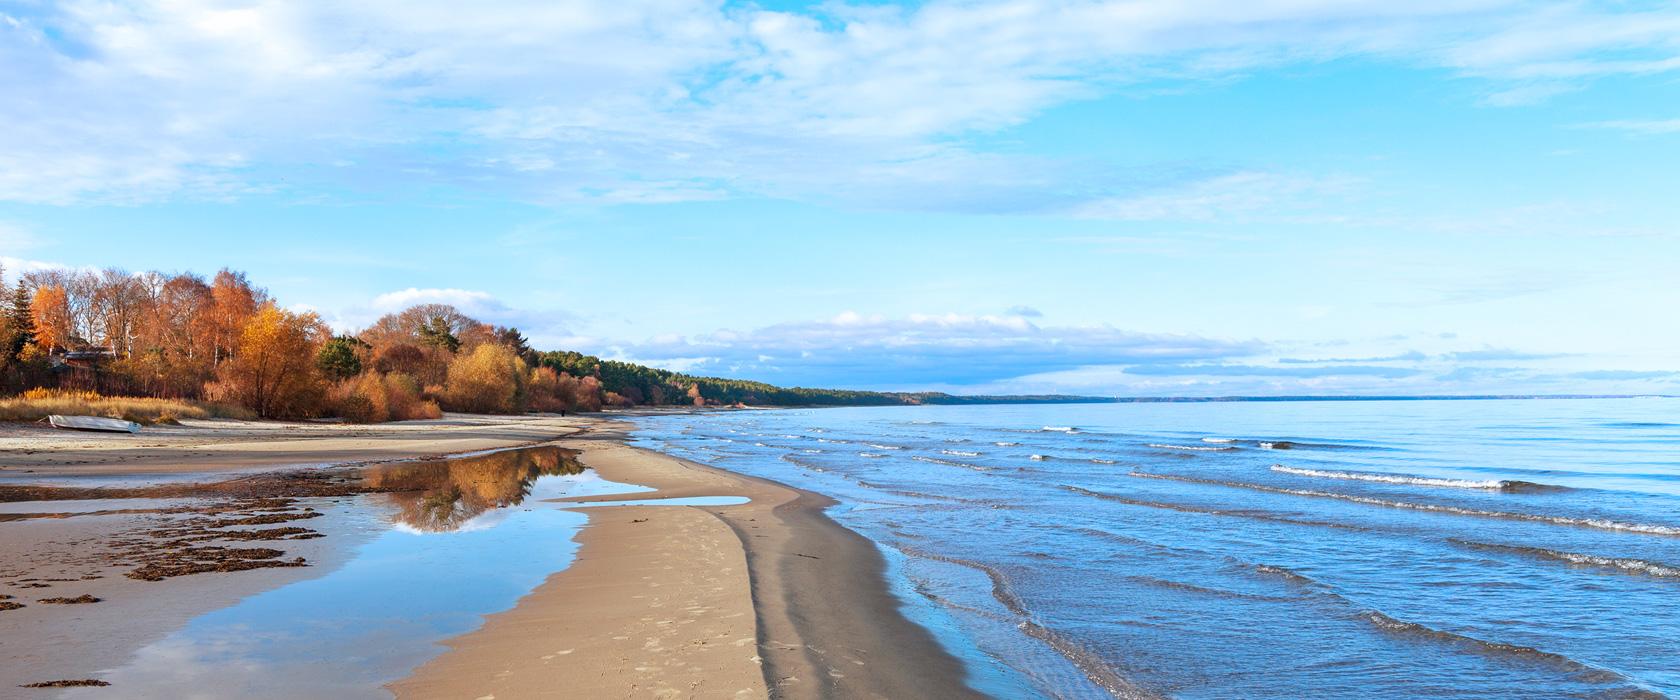 Die Ostsee präsentiert sich beim Camping mit seiner traumhaften Natur.